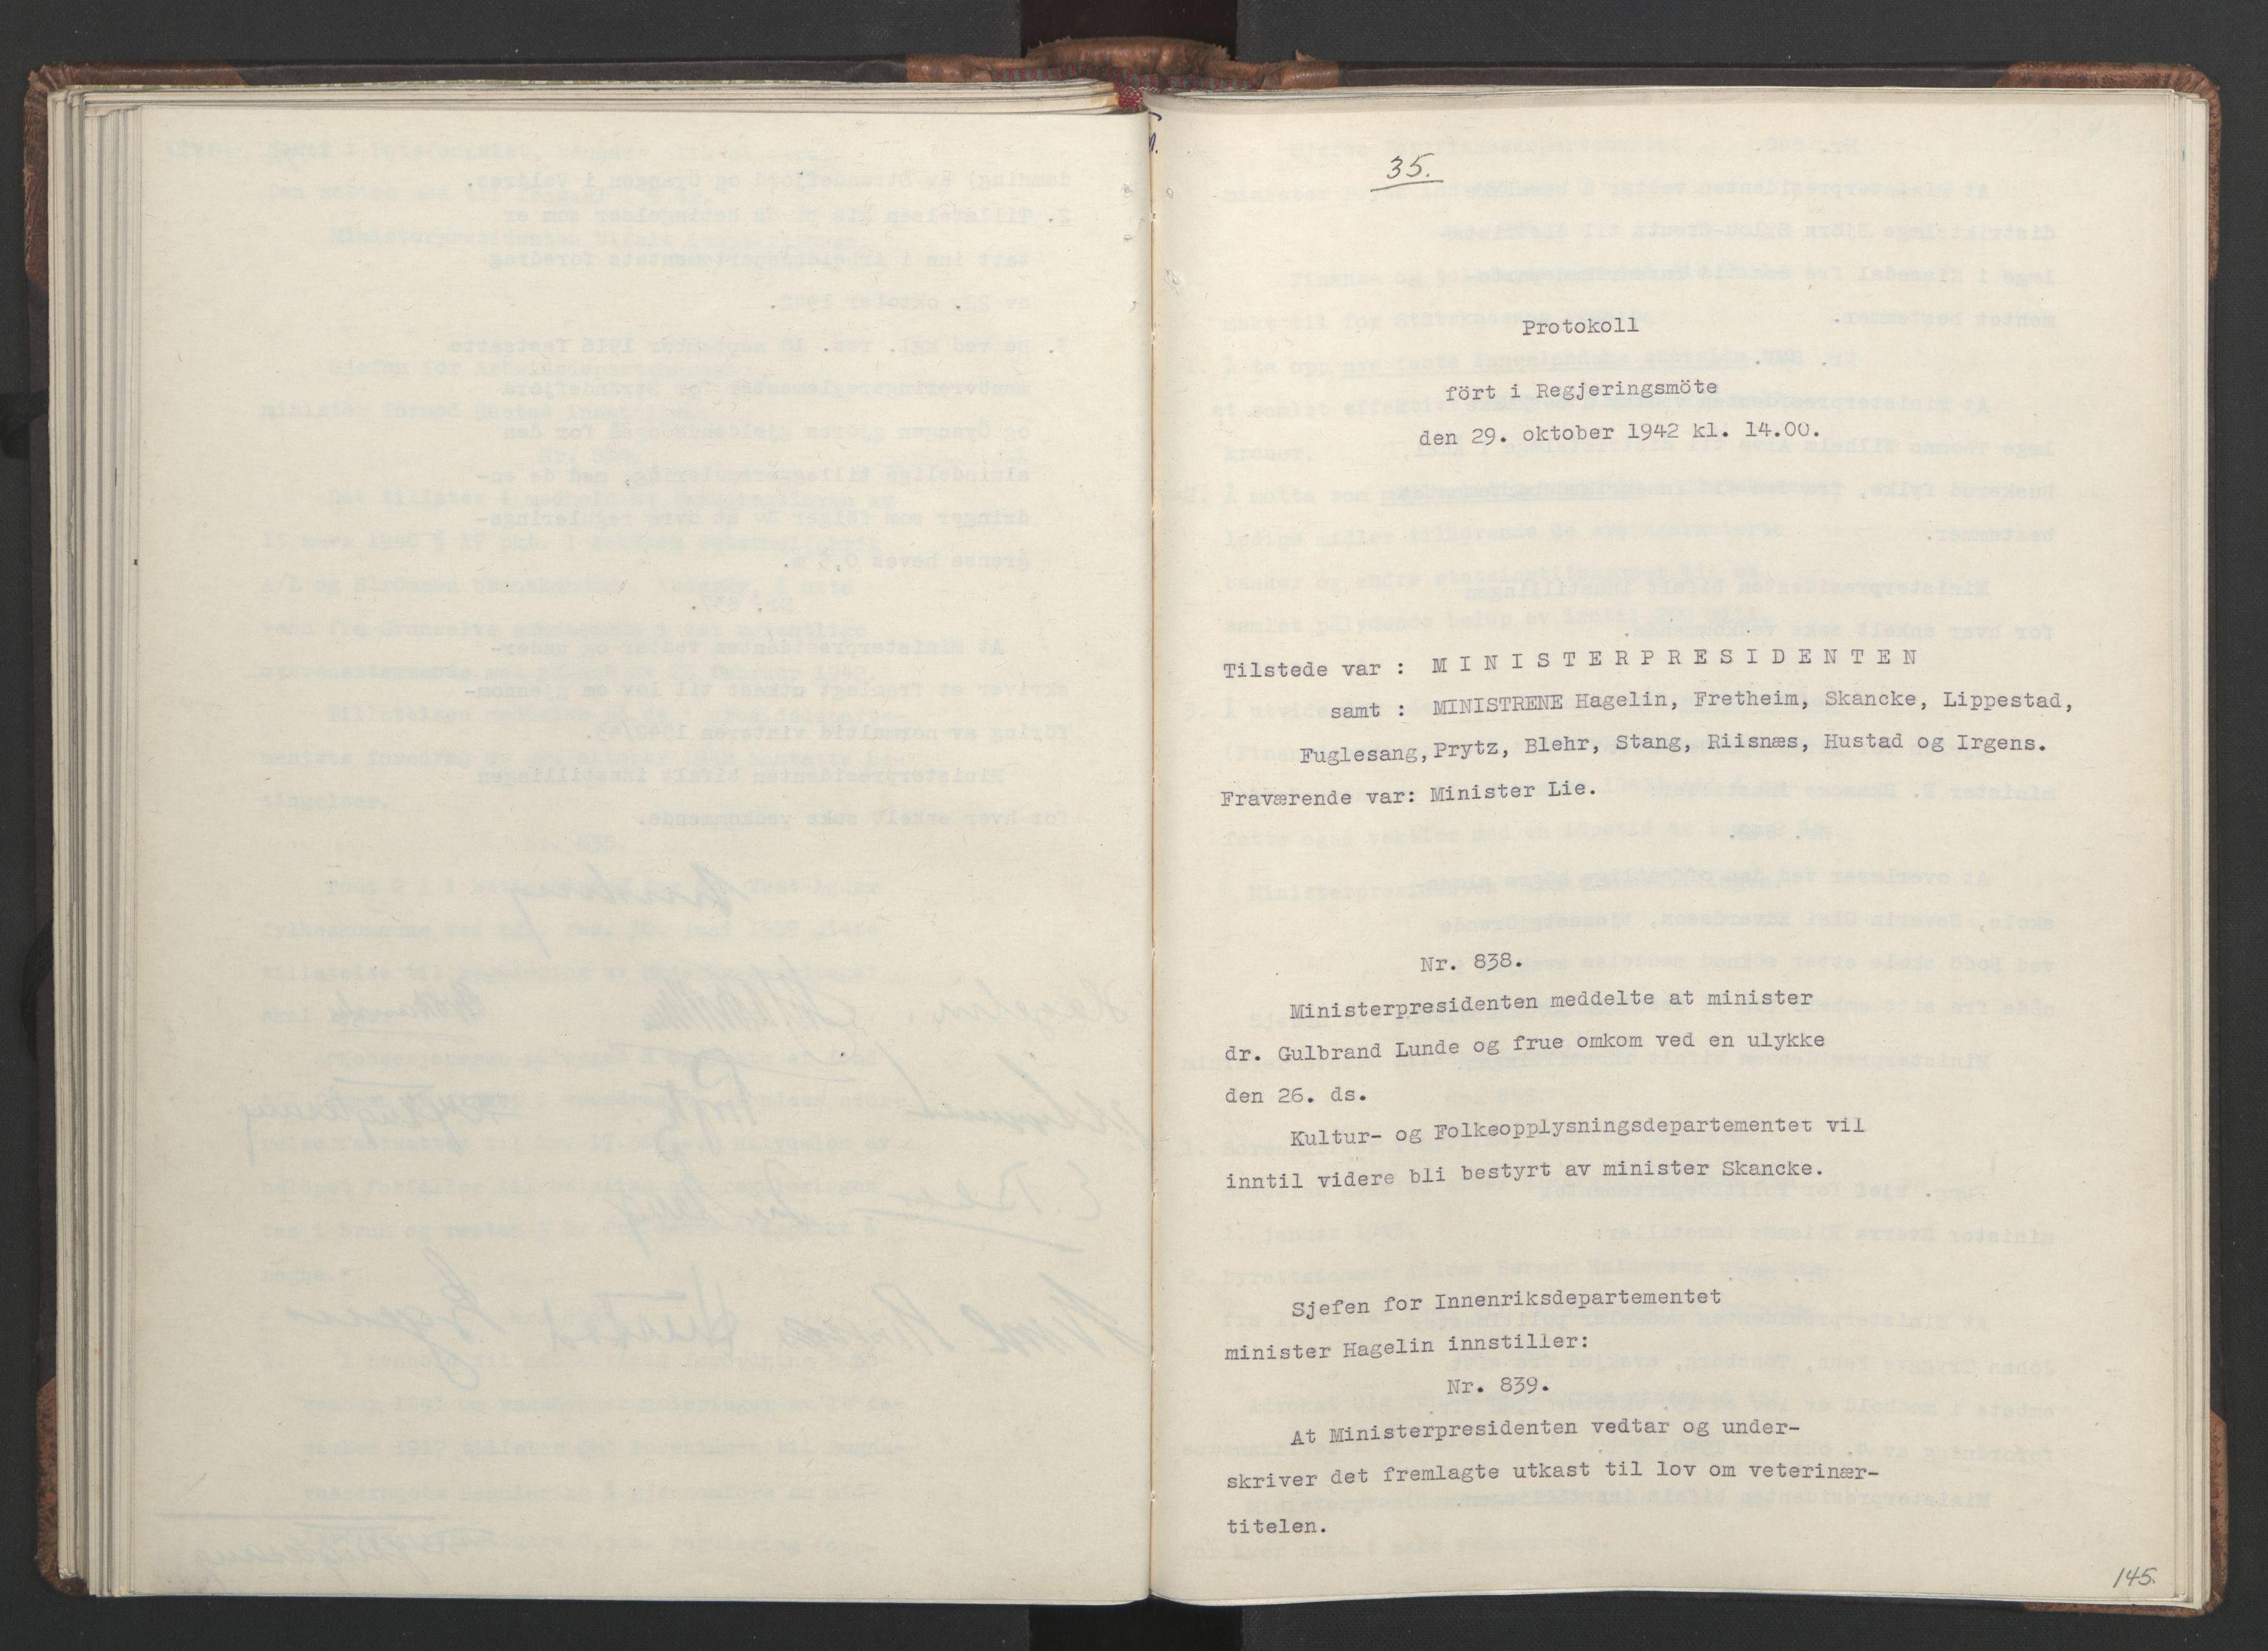 RA, NS-administrasjonen 1940-1945 (Statsrådsekretariatet, de kommisariske statsråder mm), D/Da/L0001: Beslutninger og tillegg (1-952 og 1-32), 1942, s. 144b-145a